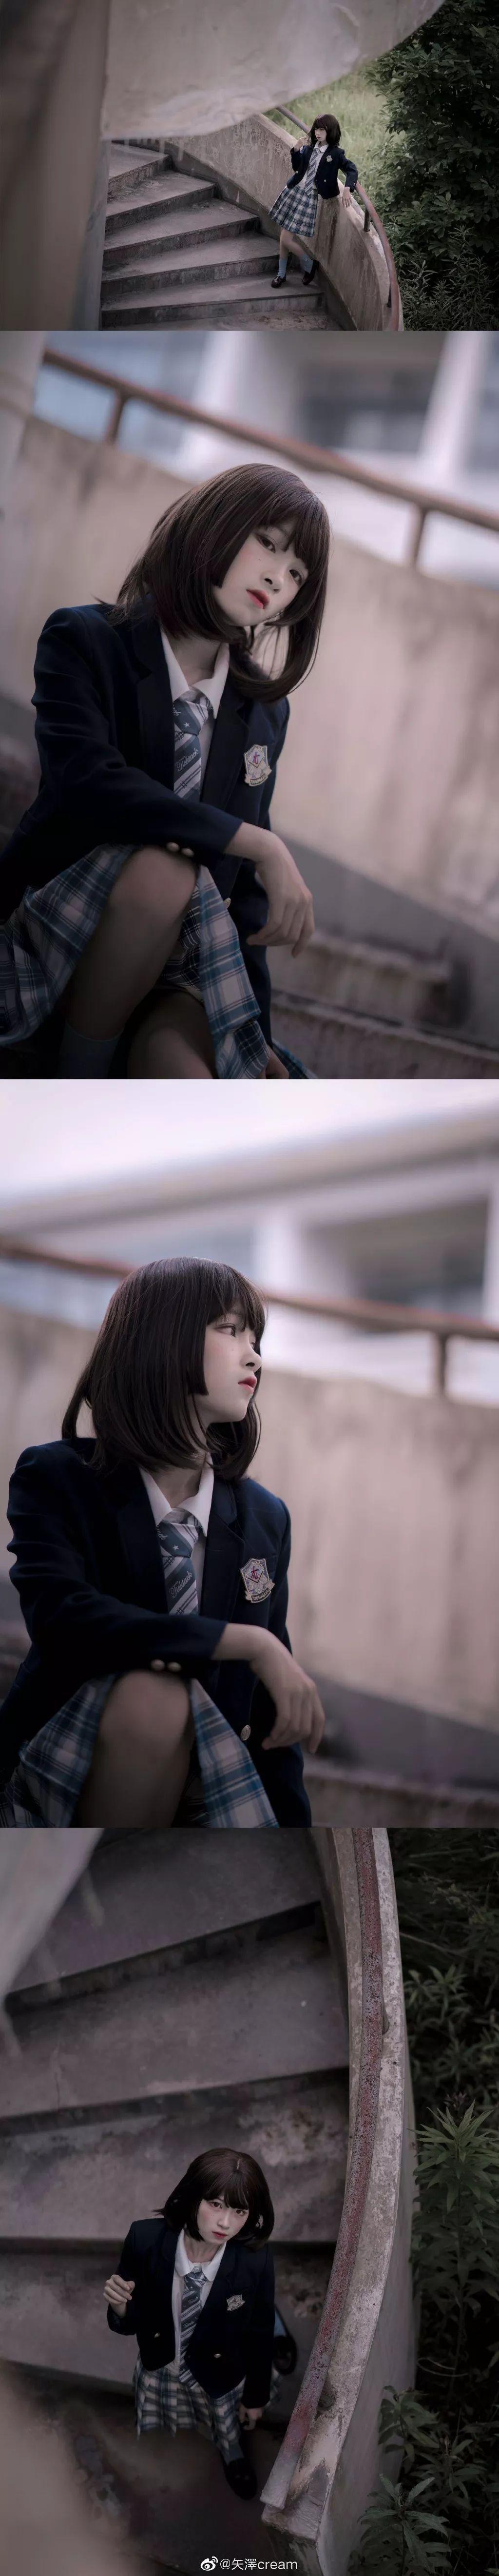 妹子摄影 – 短发jk制服少女 在破旧的教学室和一张椅子演绎颓废之美_图片 No.4